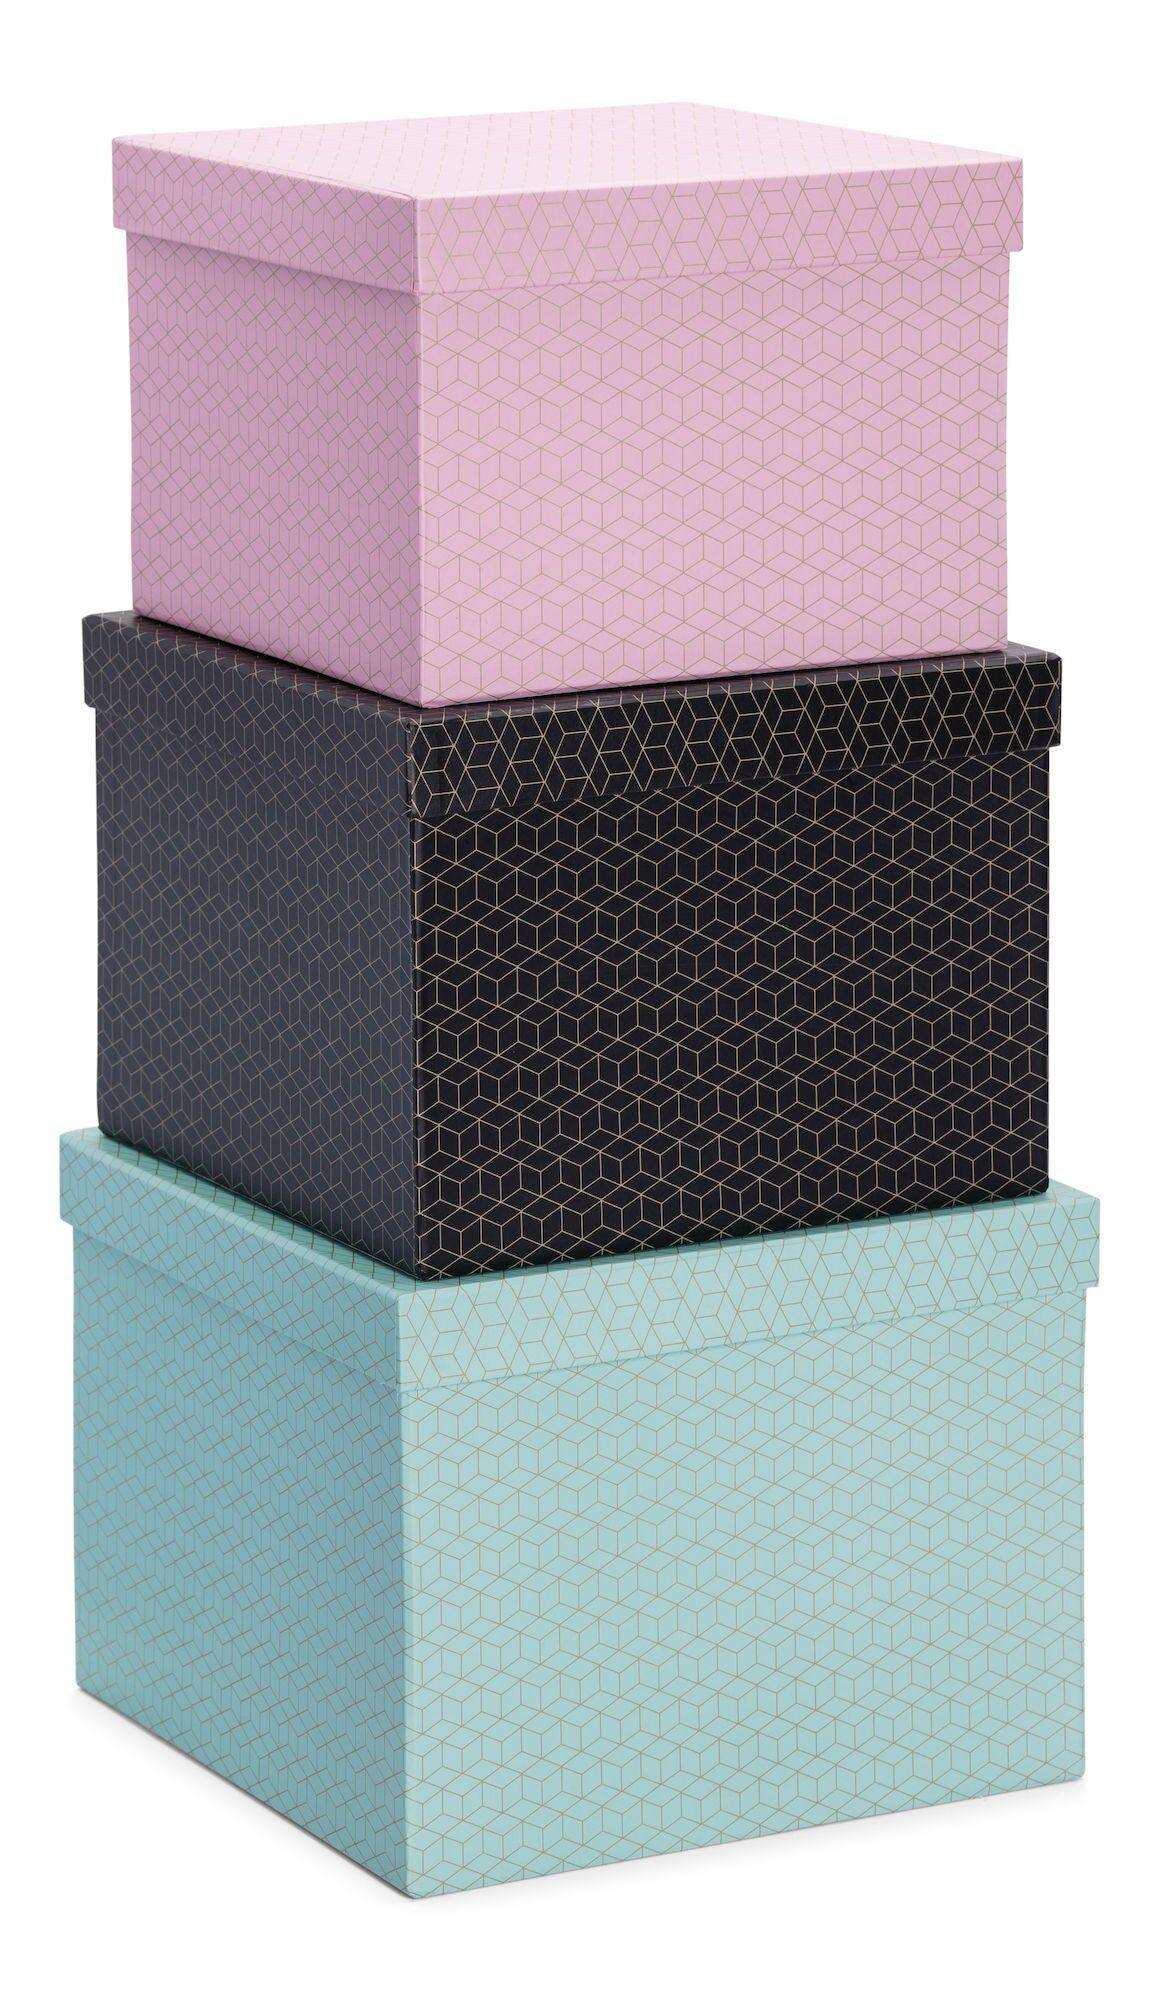 Petite Déco Oppbevaringsboks Kvadrat Golden Square 3-Pack